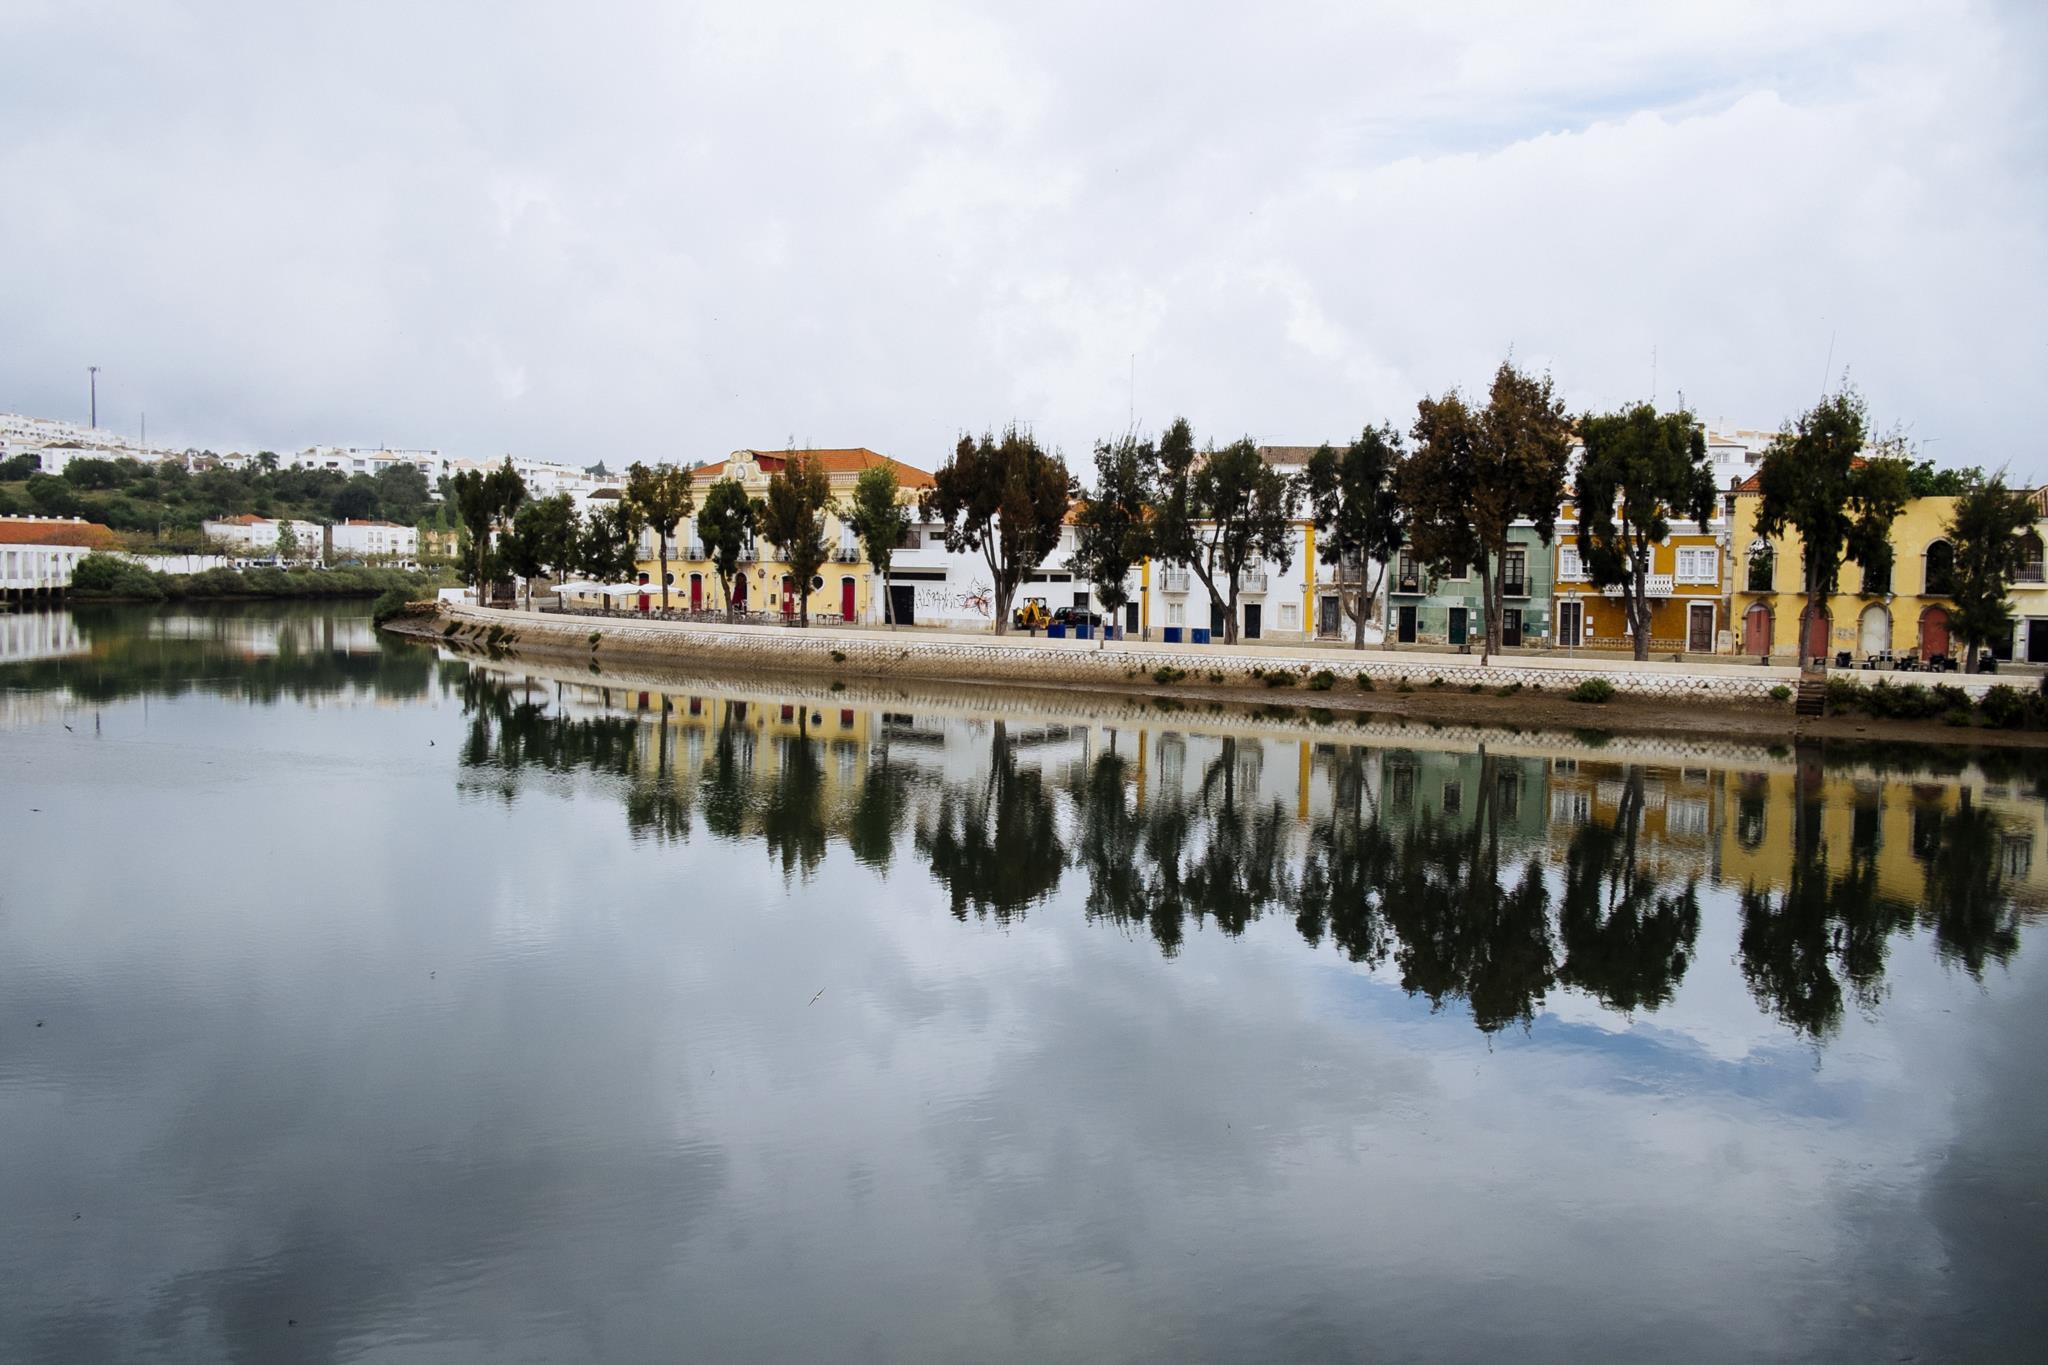 """Em Tavira ainda é possível ter """"um vislumbre do que era o Algarve antes do turismo de massas"""""""